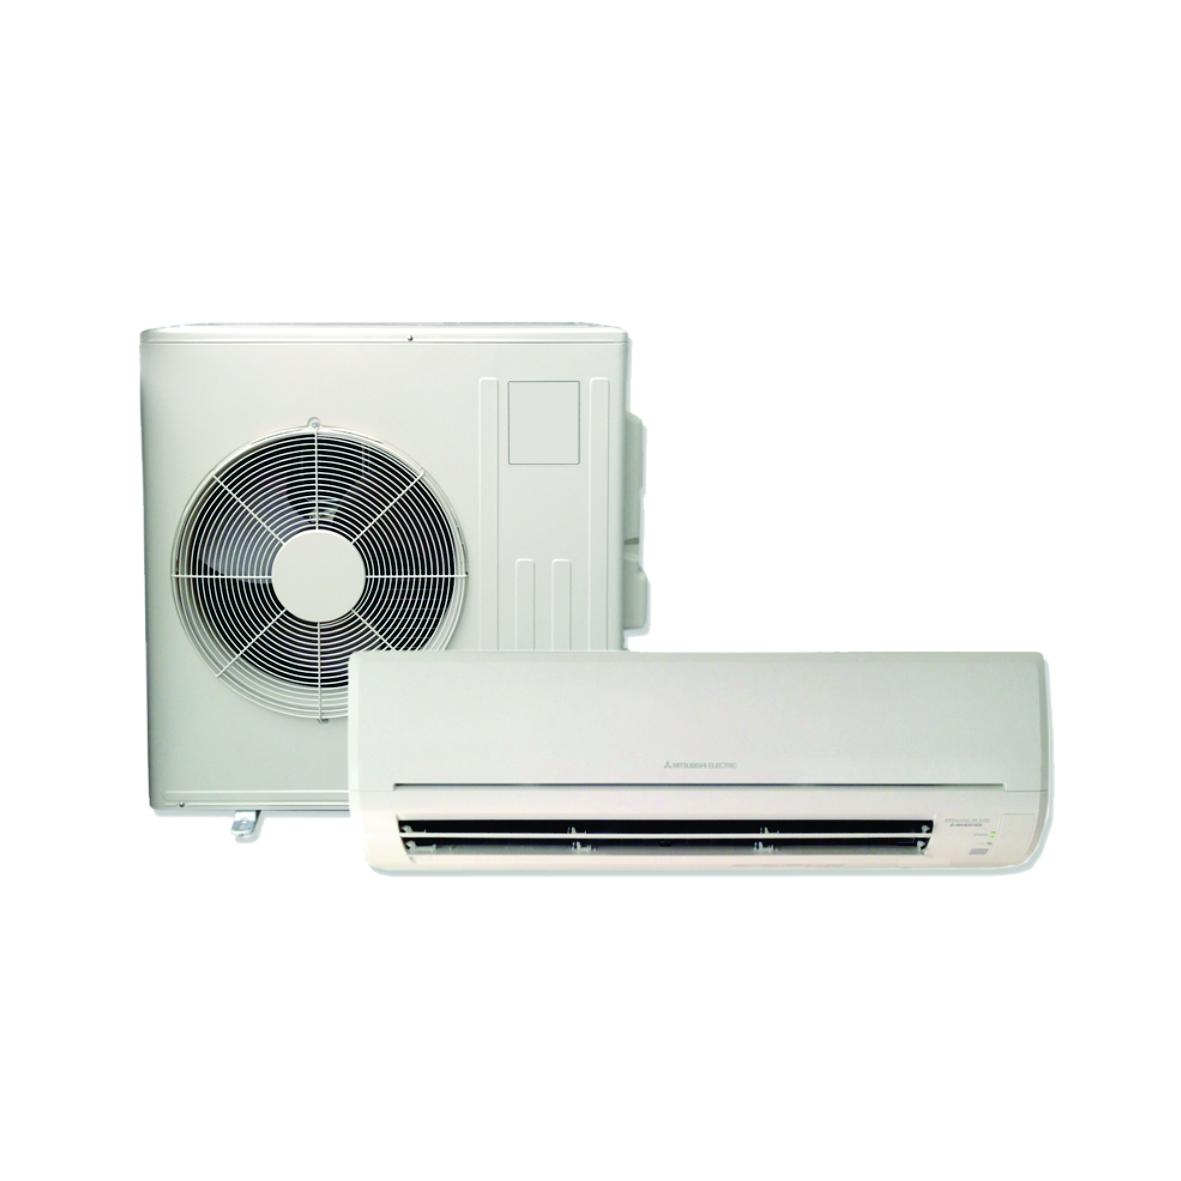 Kelvinator Air Conditioner